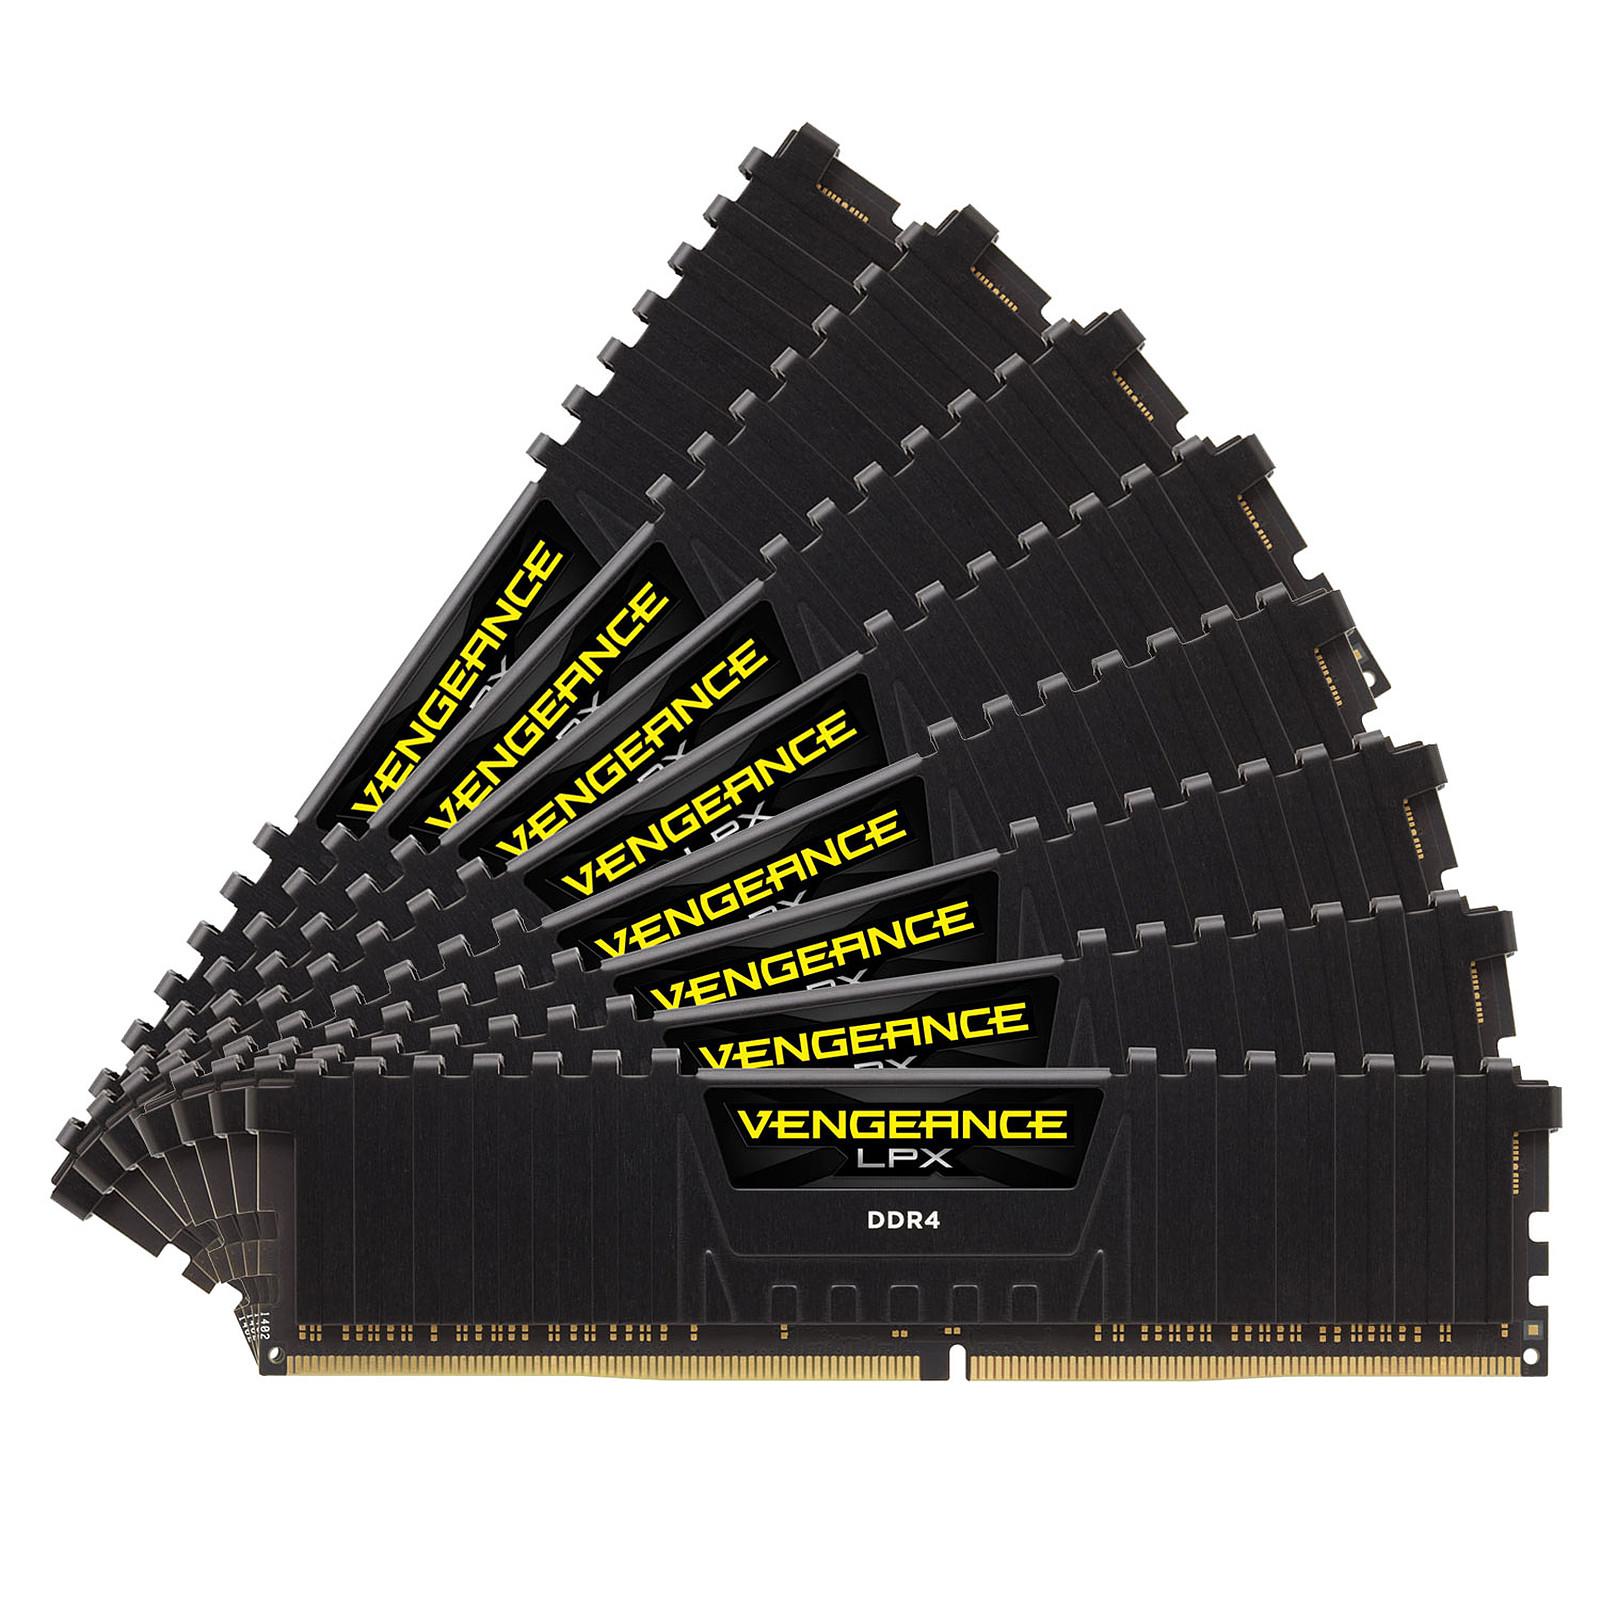 Corsair Vengeance LPX Series Low Profile 64 Go (8x 8 Go) DDR4 2400 MHz CL14